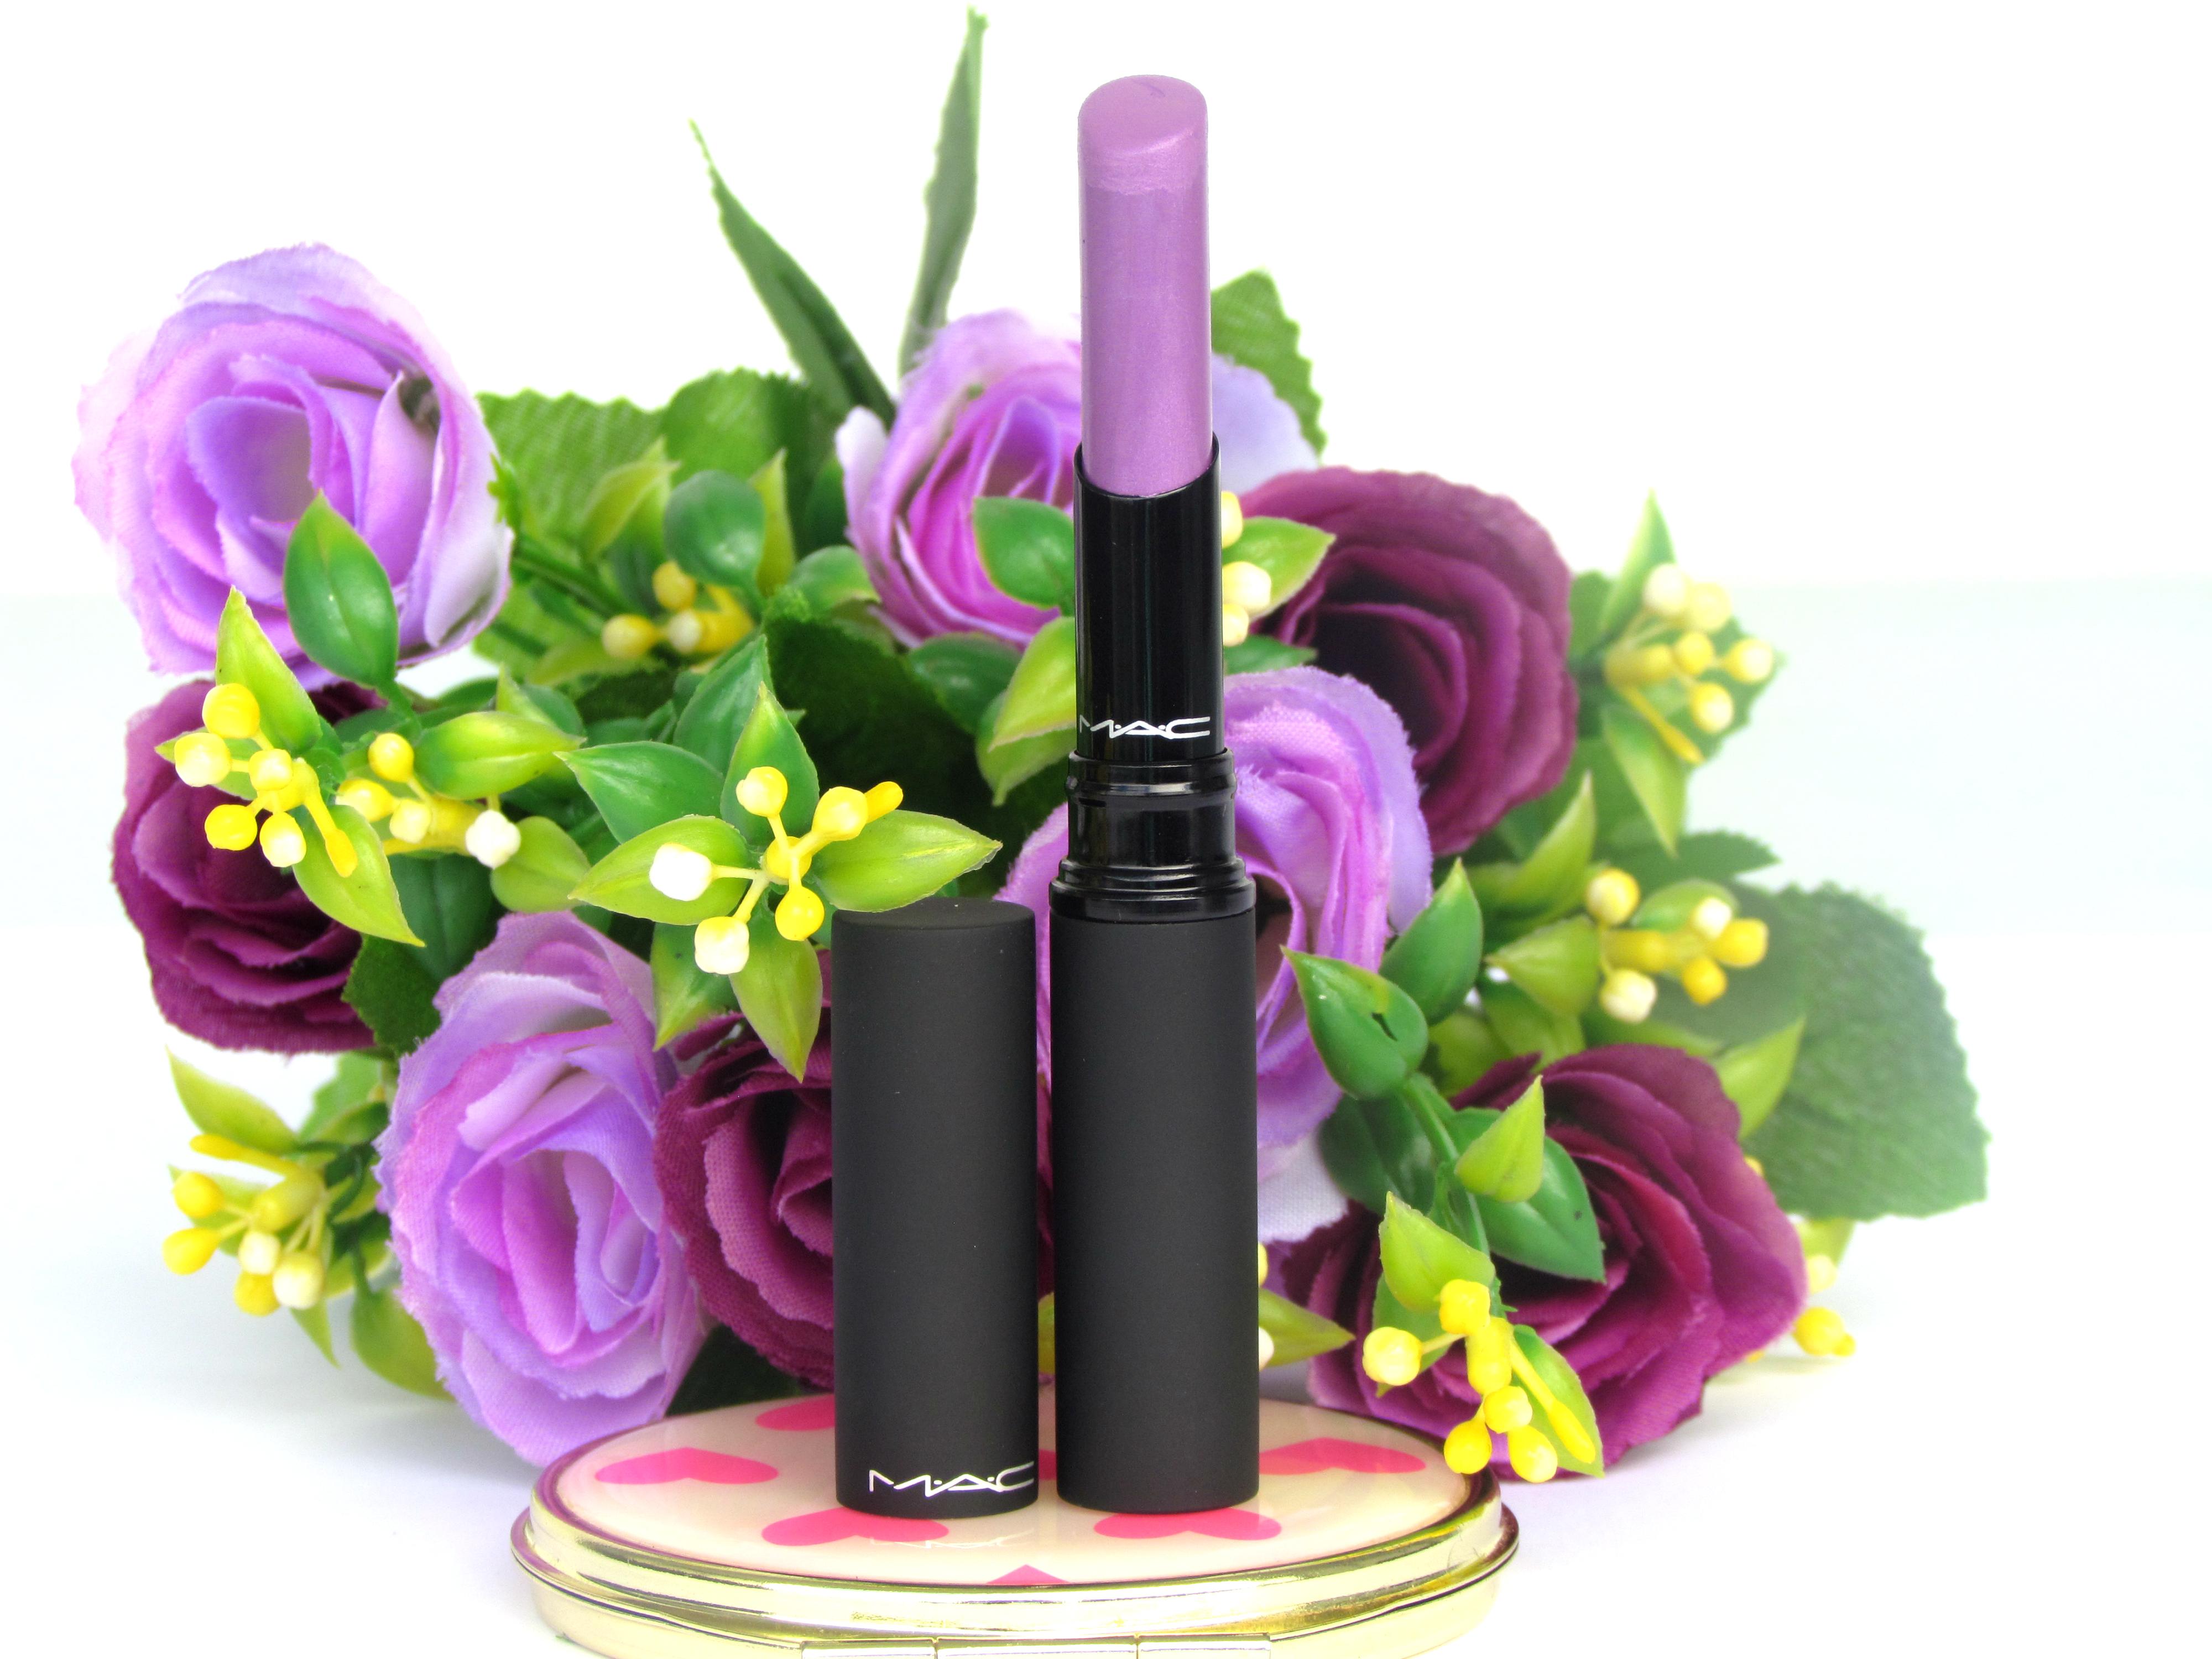 MAC MACnificent Me Collection Lipstick – Strutting Fabulous Mattene